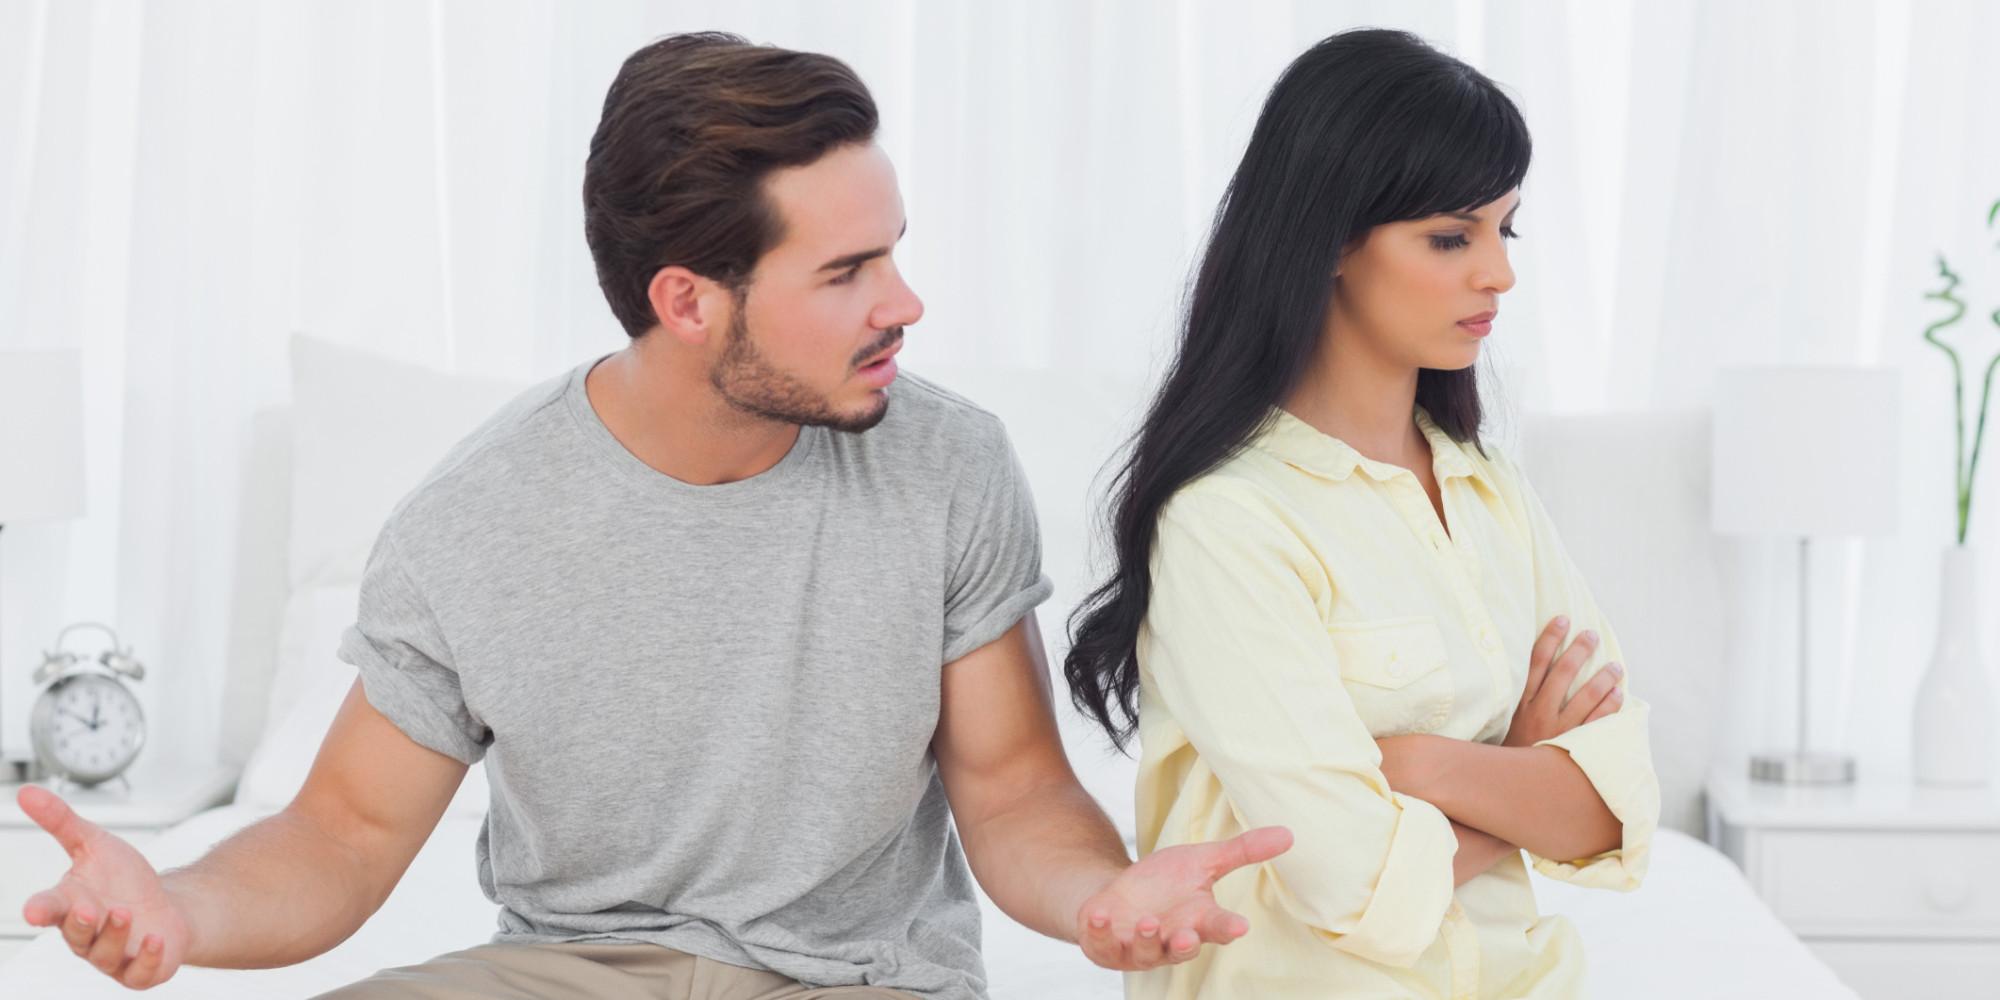 Aprende a identificar los tipos y manifestaciones de violencia en el noviazgo